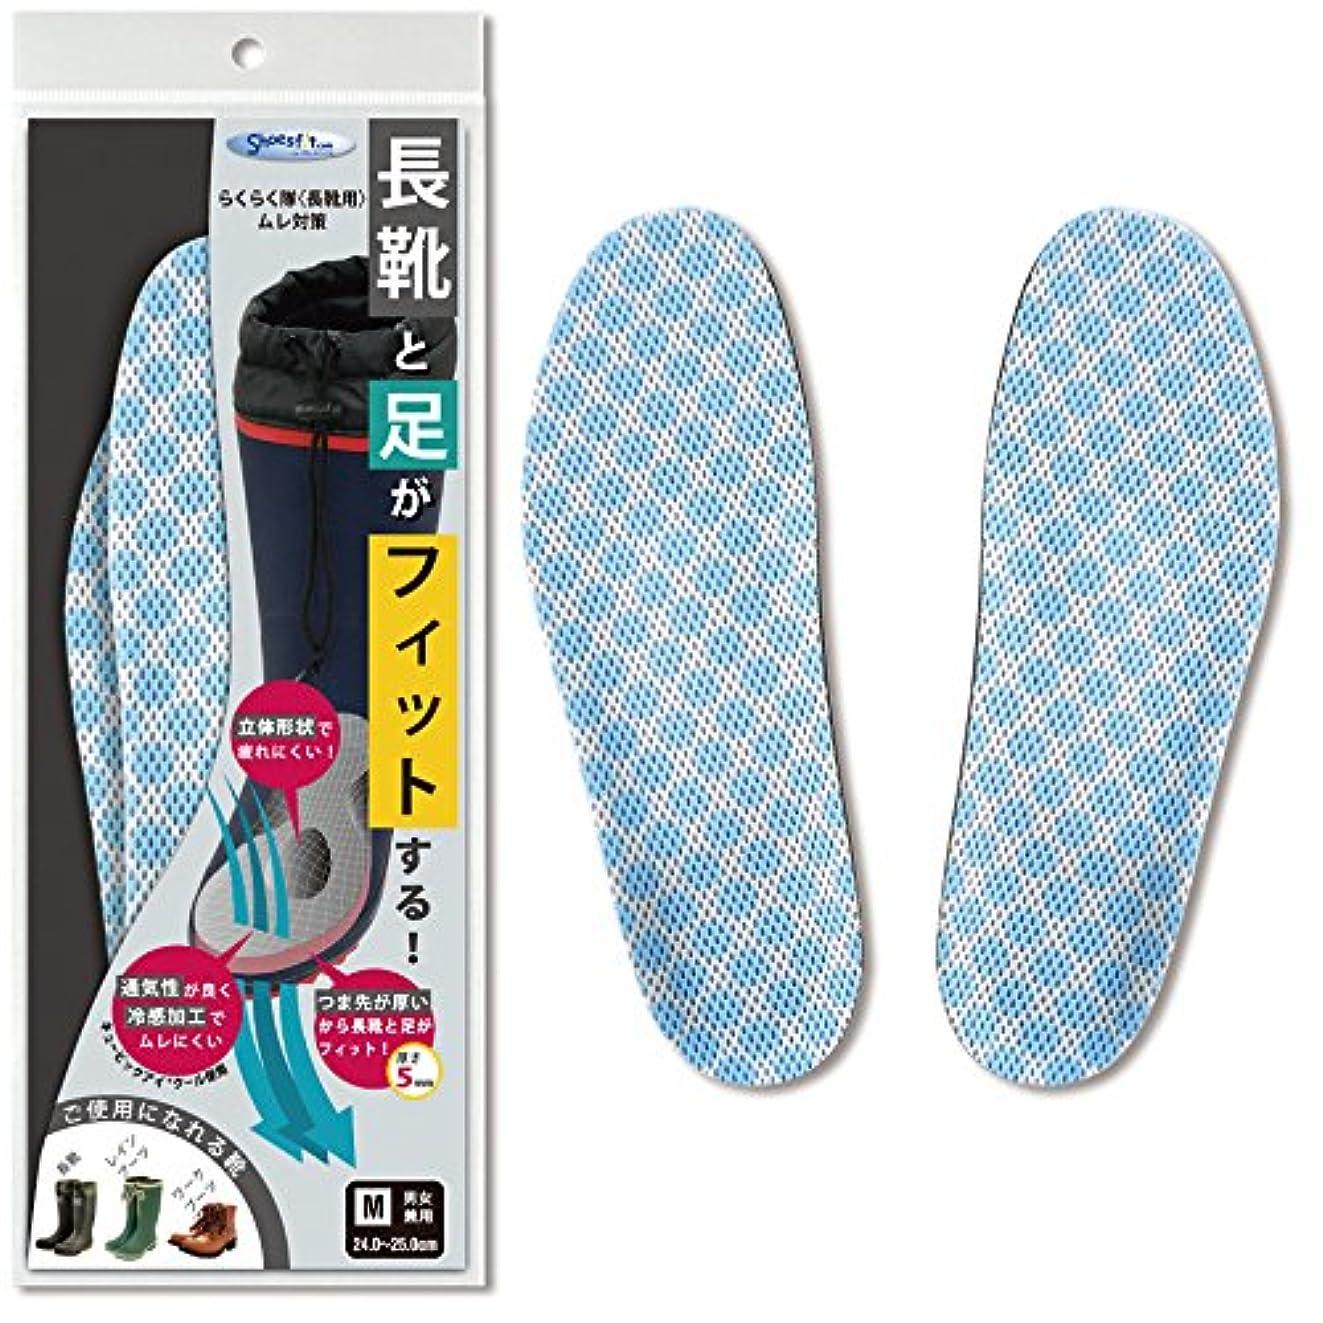 ヘッドレススーパー印刷するらくらく隊長靴用ムレ対策S(22.5~23.5cm)